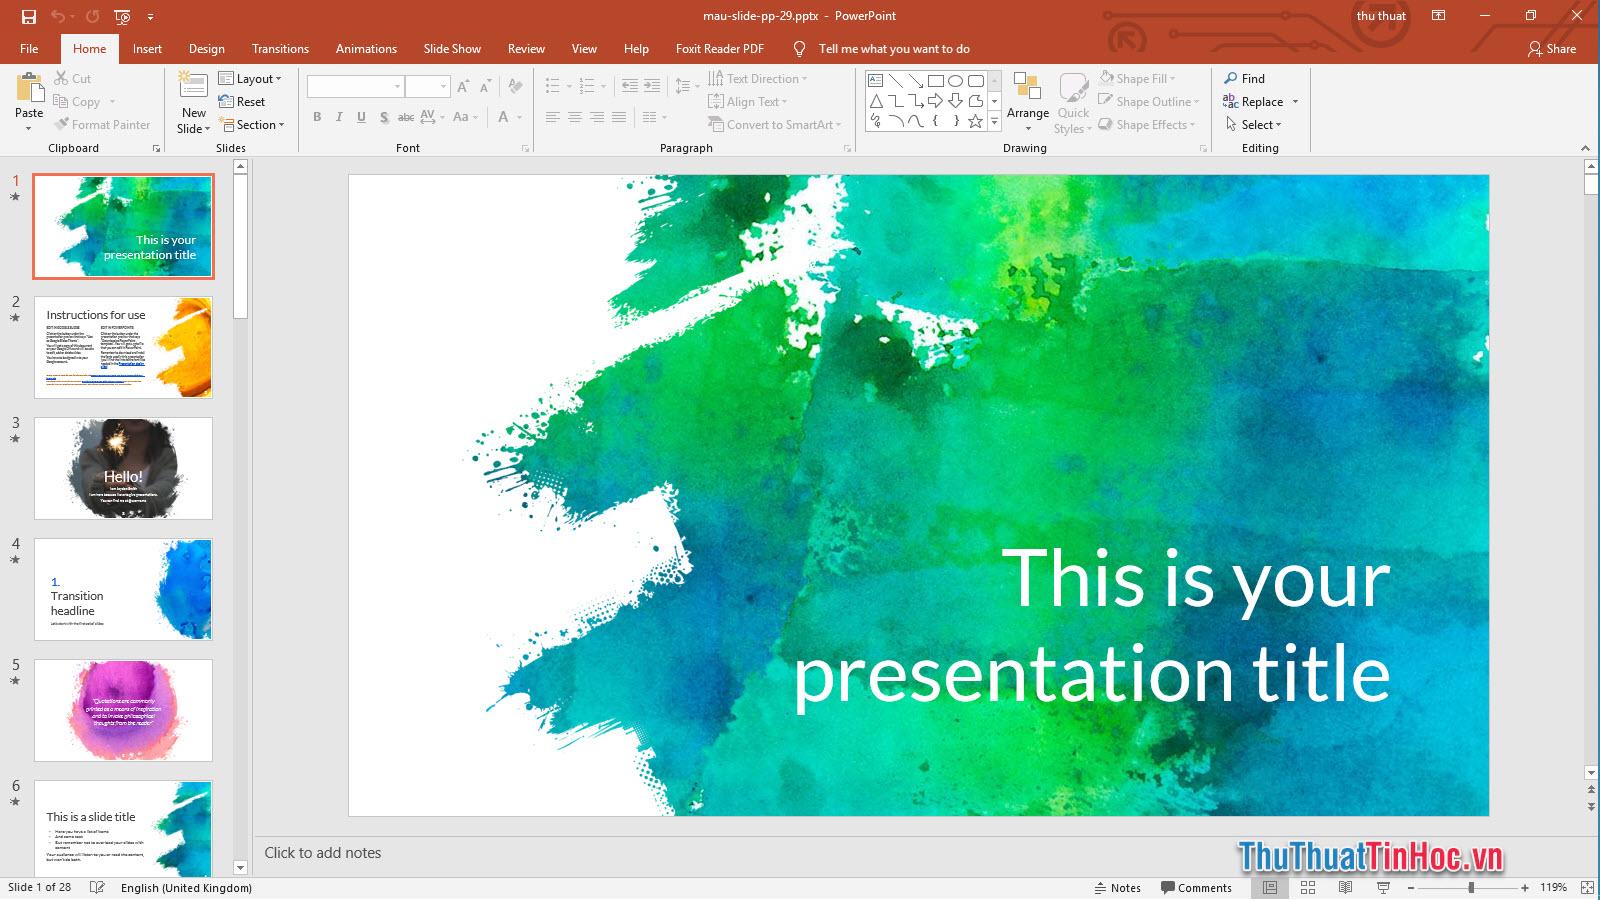 Mẫu Slide thuyết trình Powerpoint sắc màu